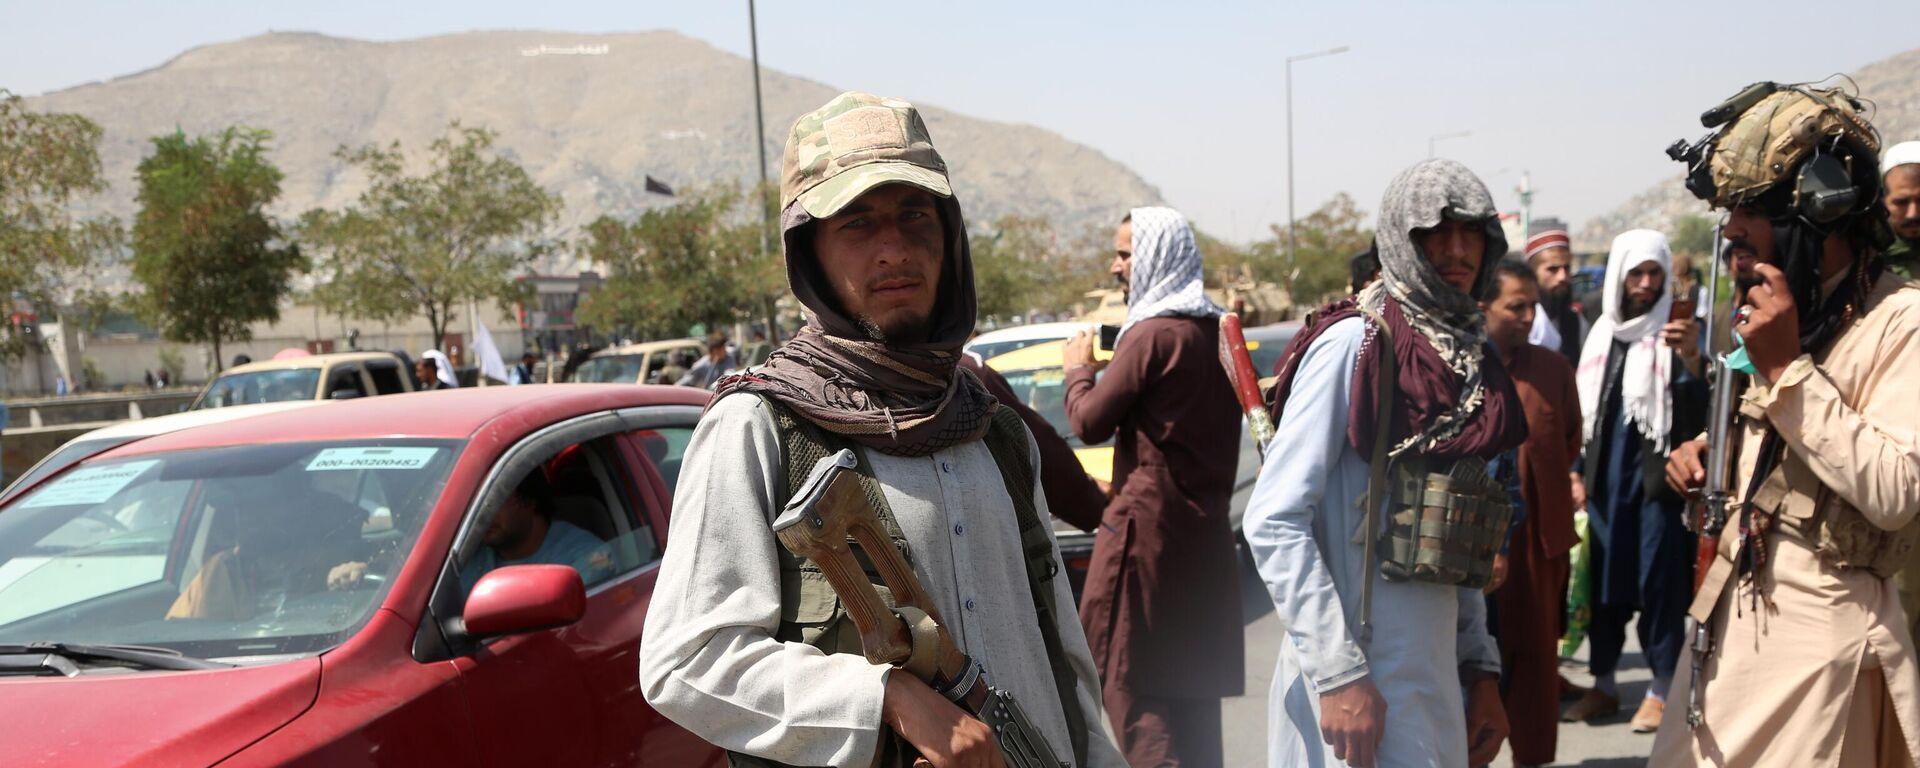 Боевики движения Талибан (террористическая организация, запрещена в России) в Кабуле - Sputnik Таджикистан, 1920, 18.08.2021